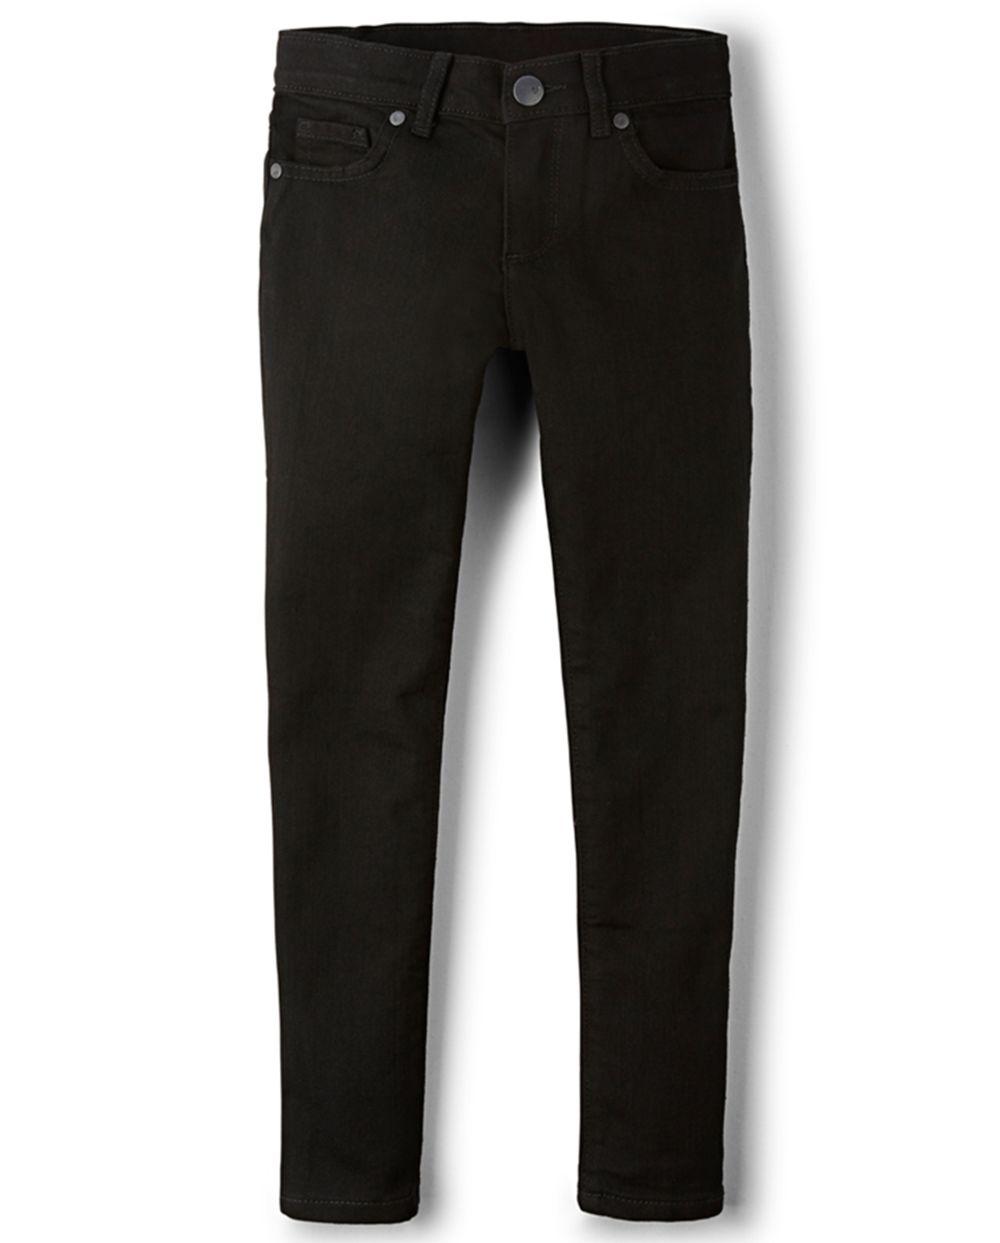 Best Girls Basic Super Skinny Jeans